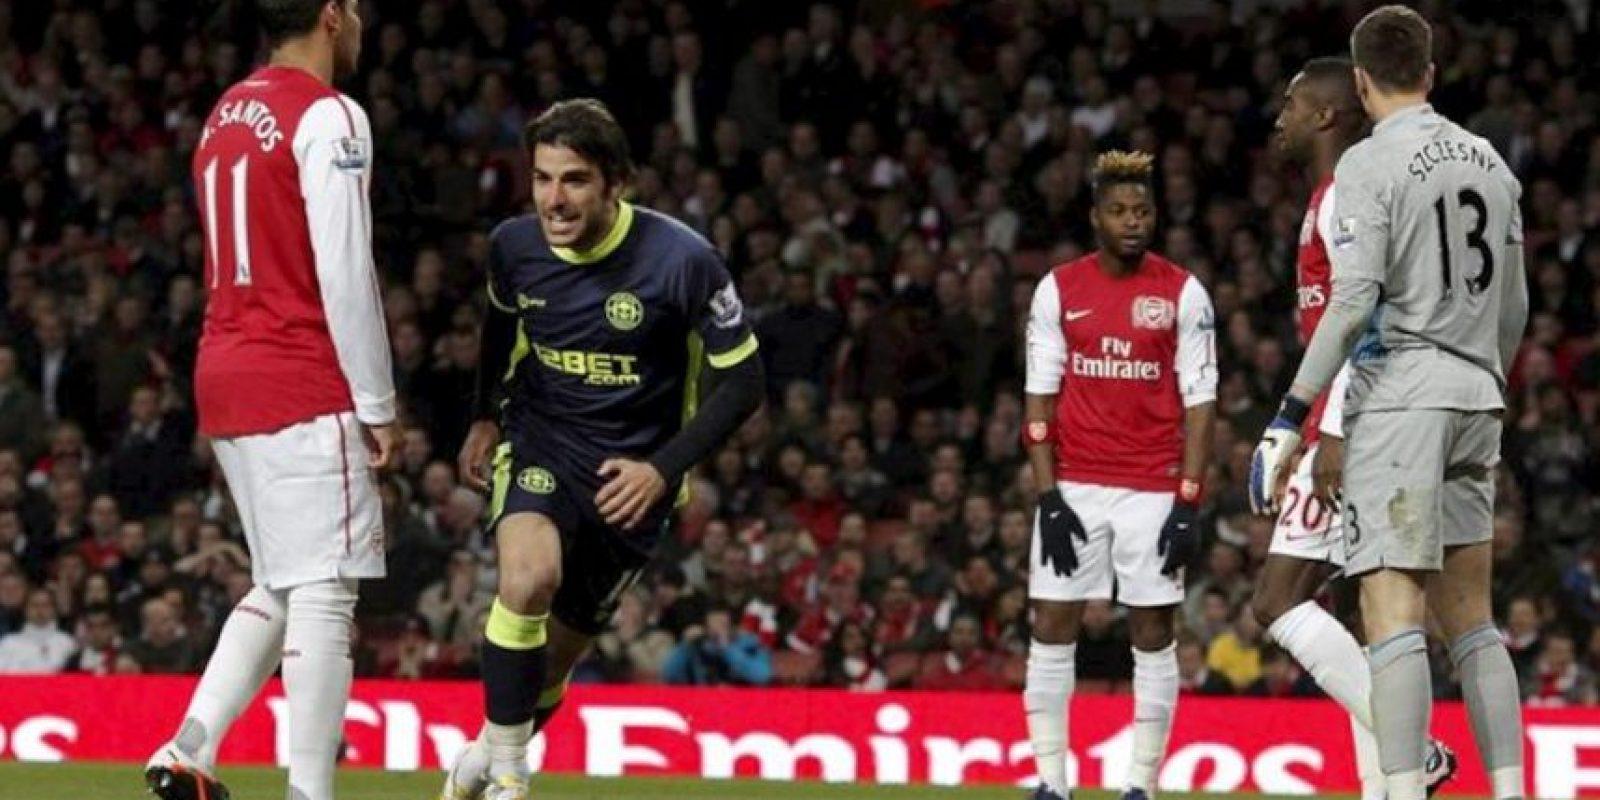 El jugador del Wigan Athletic Jordi Gomez (2-izq) celebra su gol al Arsenal (0-2) ante la presencia de los jugadores locales Andre Santos (izq), Alex Song (c), Johan Djourou (2-dcha) y Wojciech Szczesny (dcha), durante el partido de la Premier League que los dos equipos jugaron en el Emirates Stadium de Londres, Reino Unido. EFE